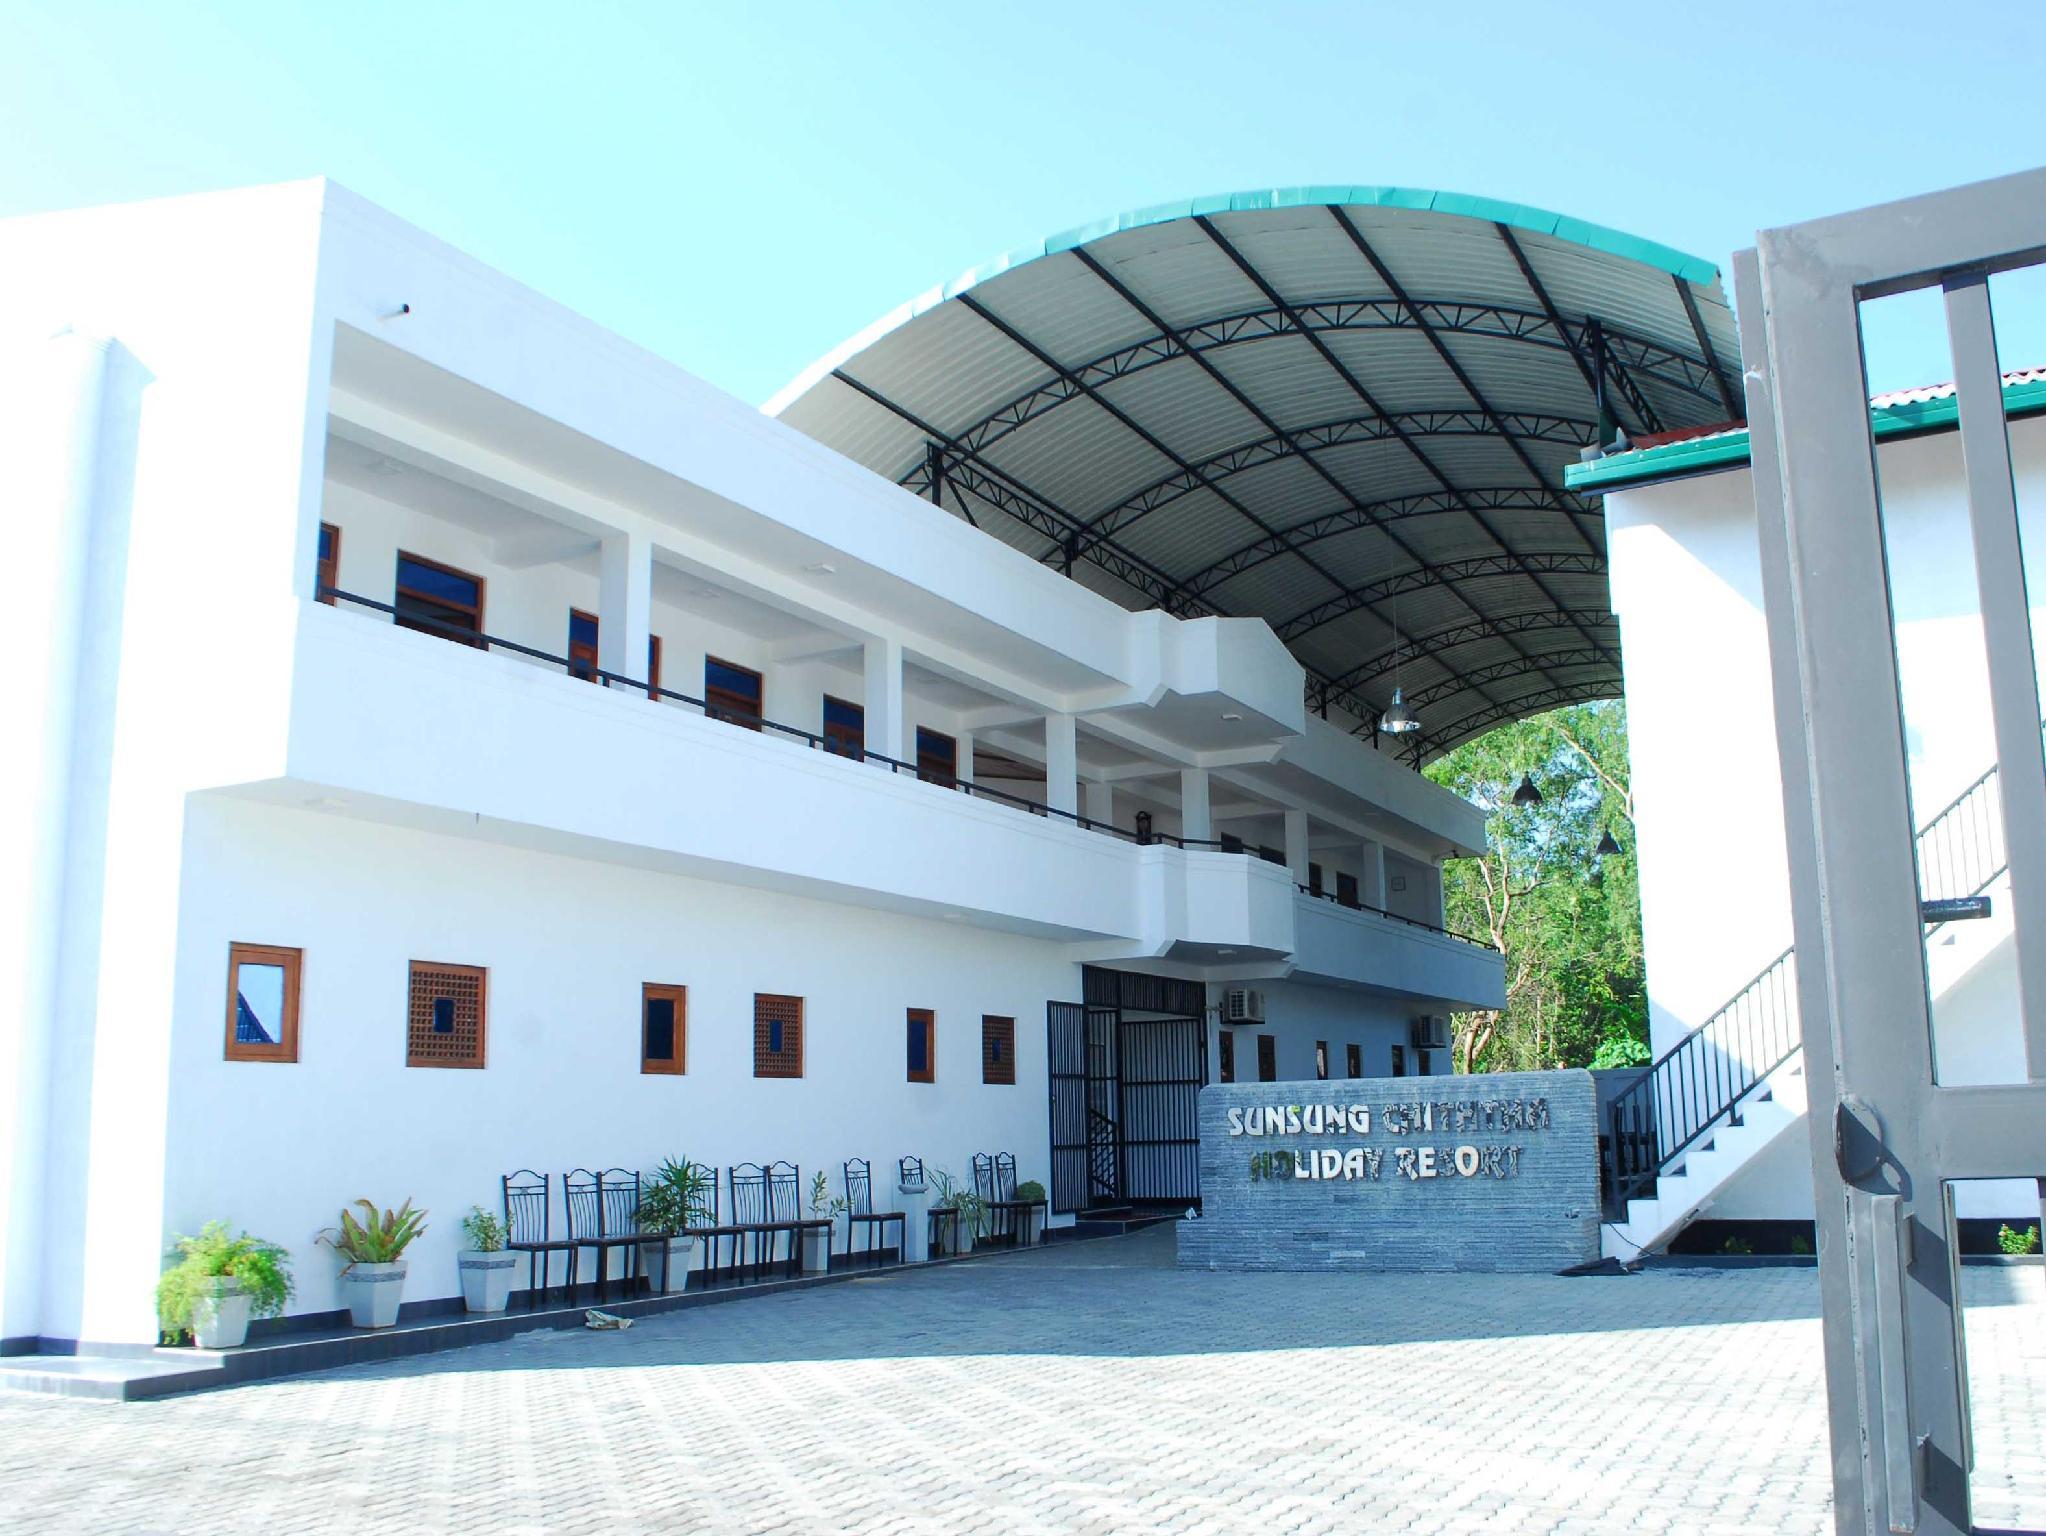 Sunsung Chiththa Holiday Resorts